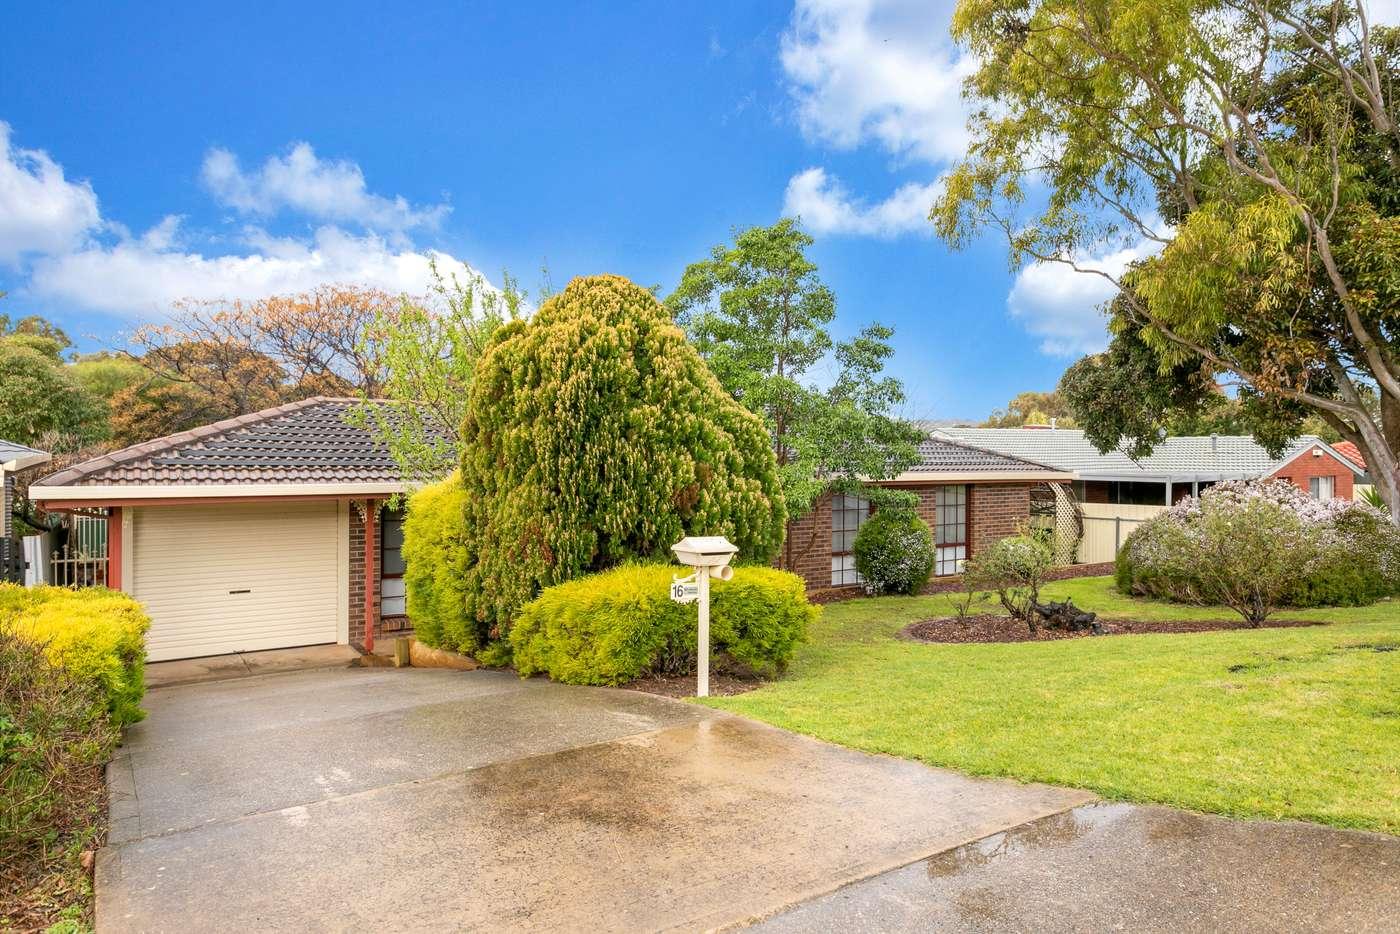 Main view of Homely house listing, 16 Nash Lane, Morphett Vale SA 5162